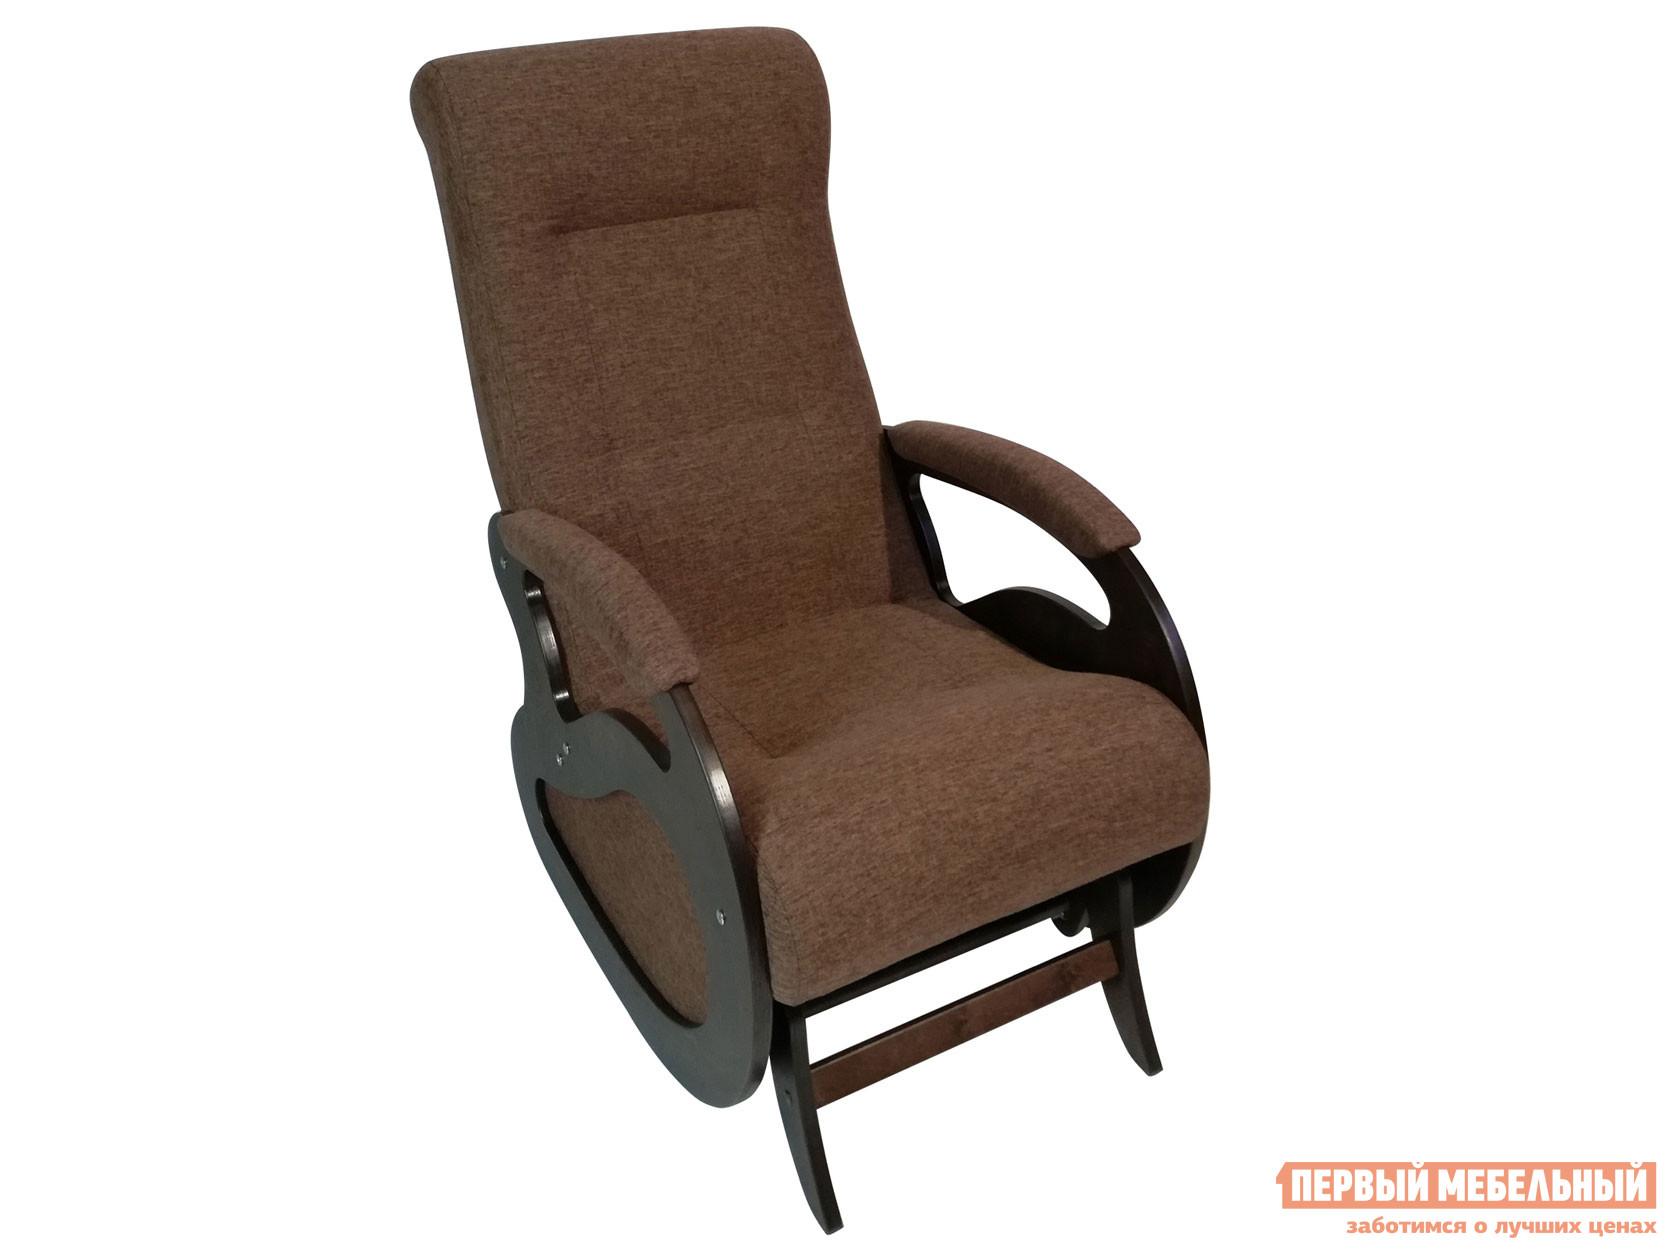 Кресло-качалка  Кресло качалка Маятник Темно-коричневый, рогожка / Темный орех Мебвилл 110500